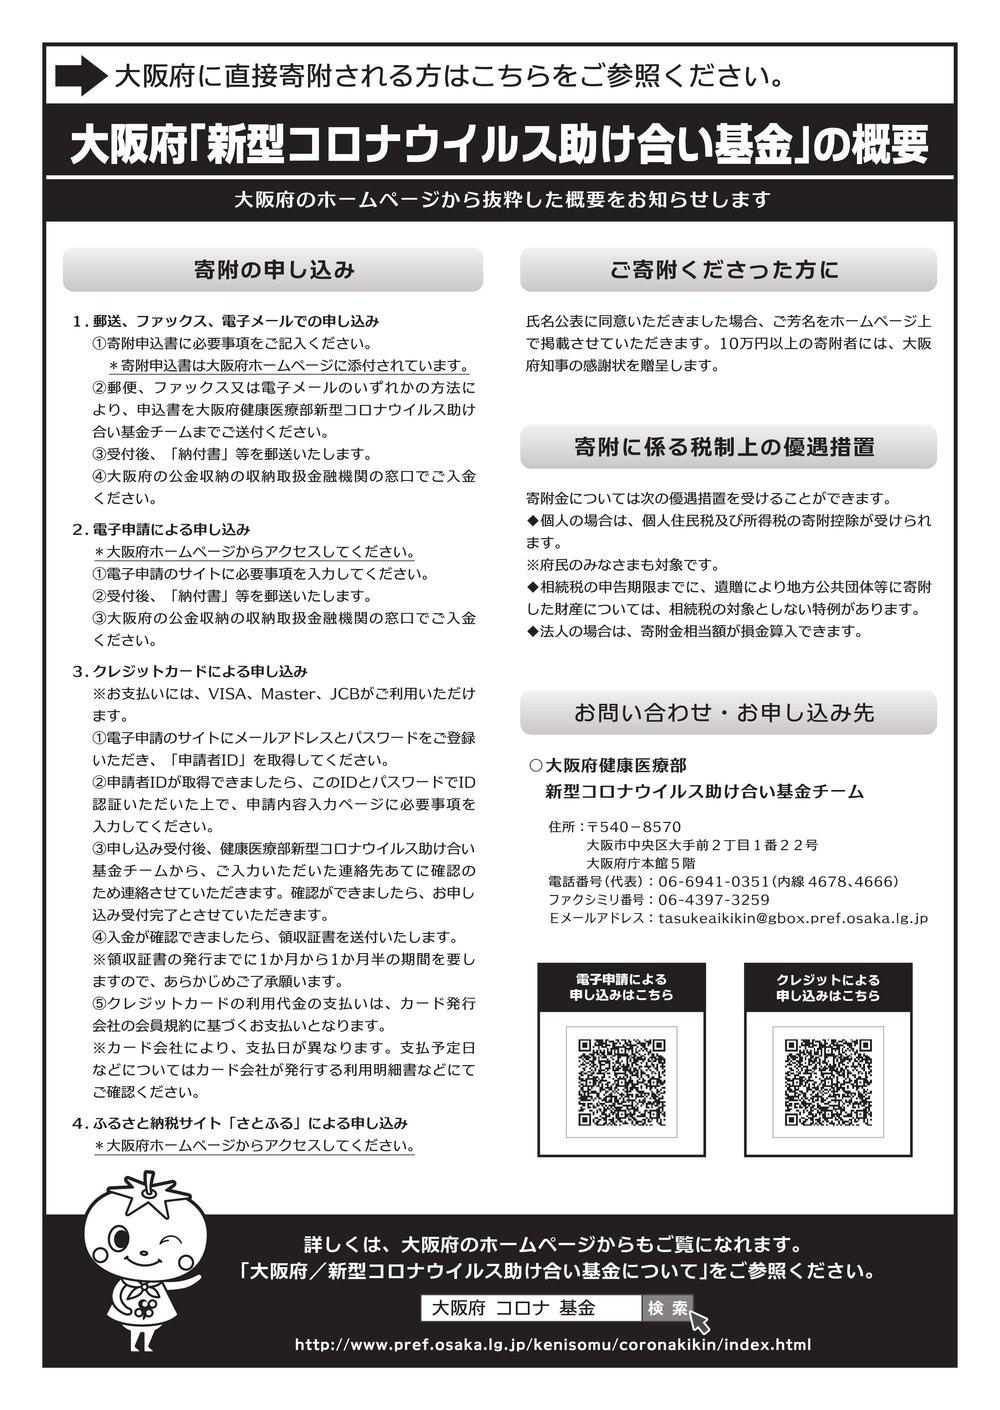 府庁 ホームページ 大阪